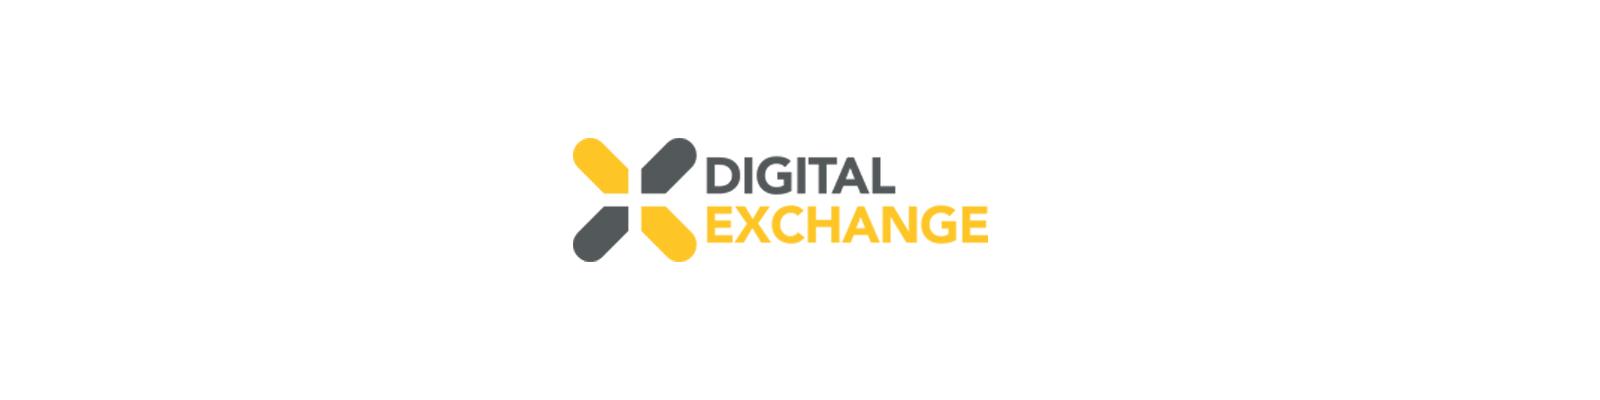 Digital Exchange banner fotograf